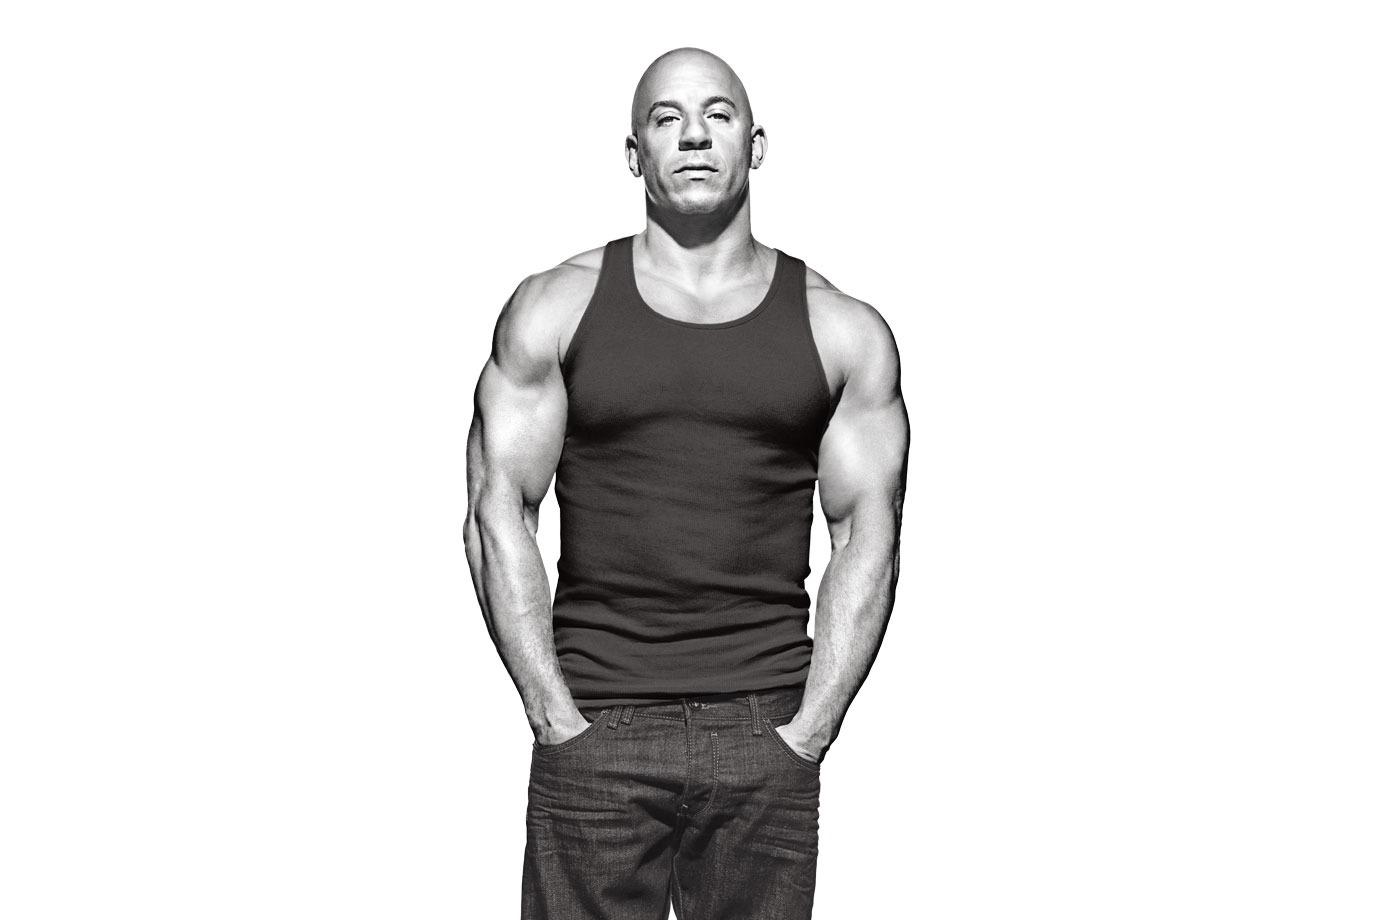 Vin Diesel training workout routine